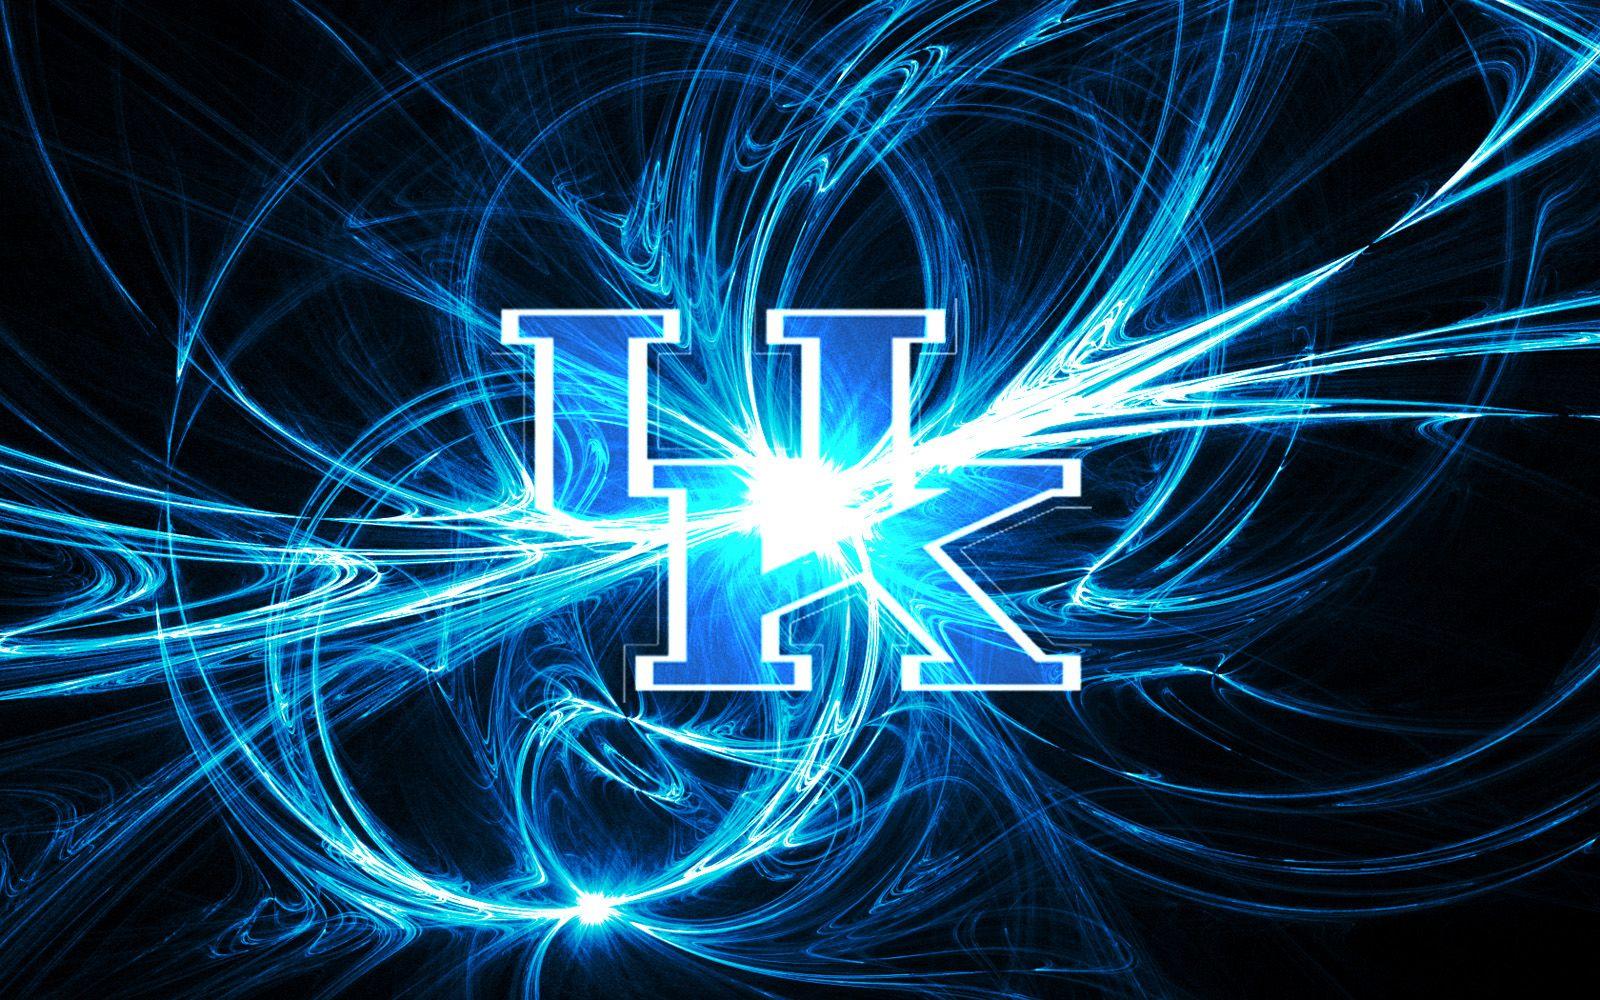 Kentucky Wildcats Desktop Wallpaper: Wildcat Wallpapers